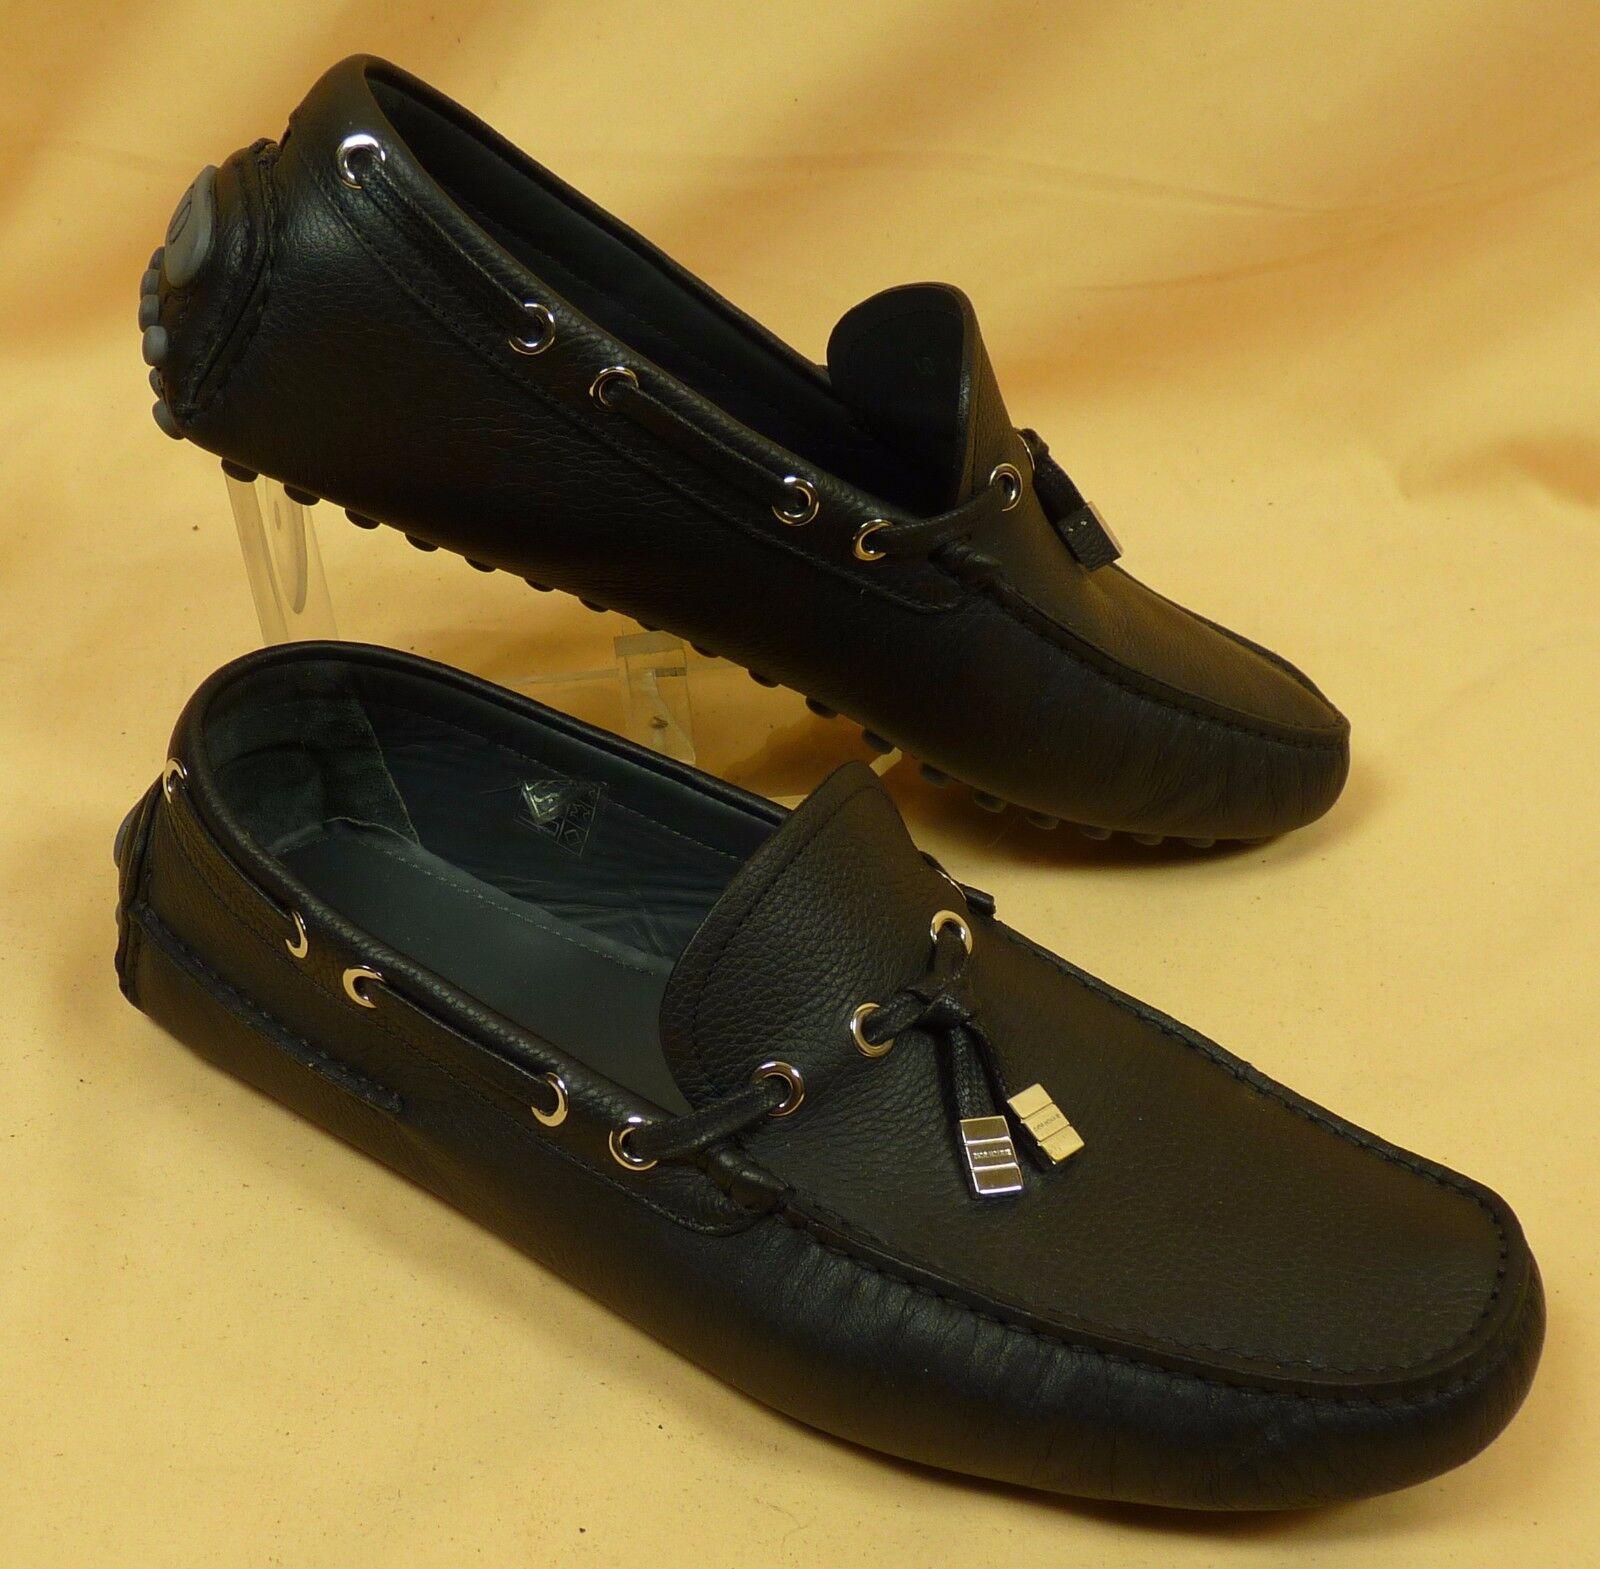 DIOR Herrenschuhe - Loafers - Leder schwarz - Gr. 44  14405